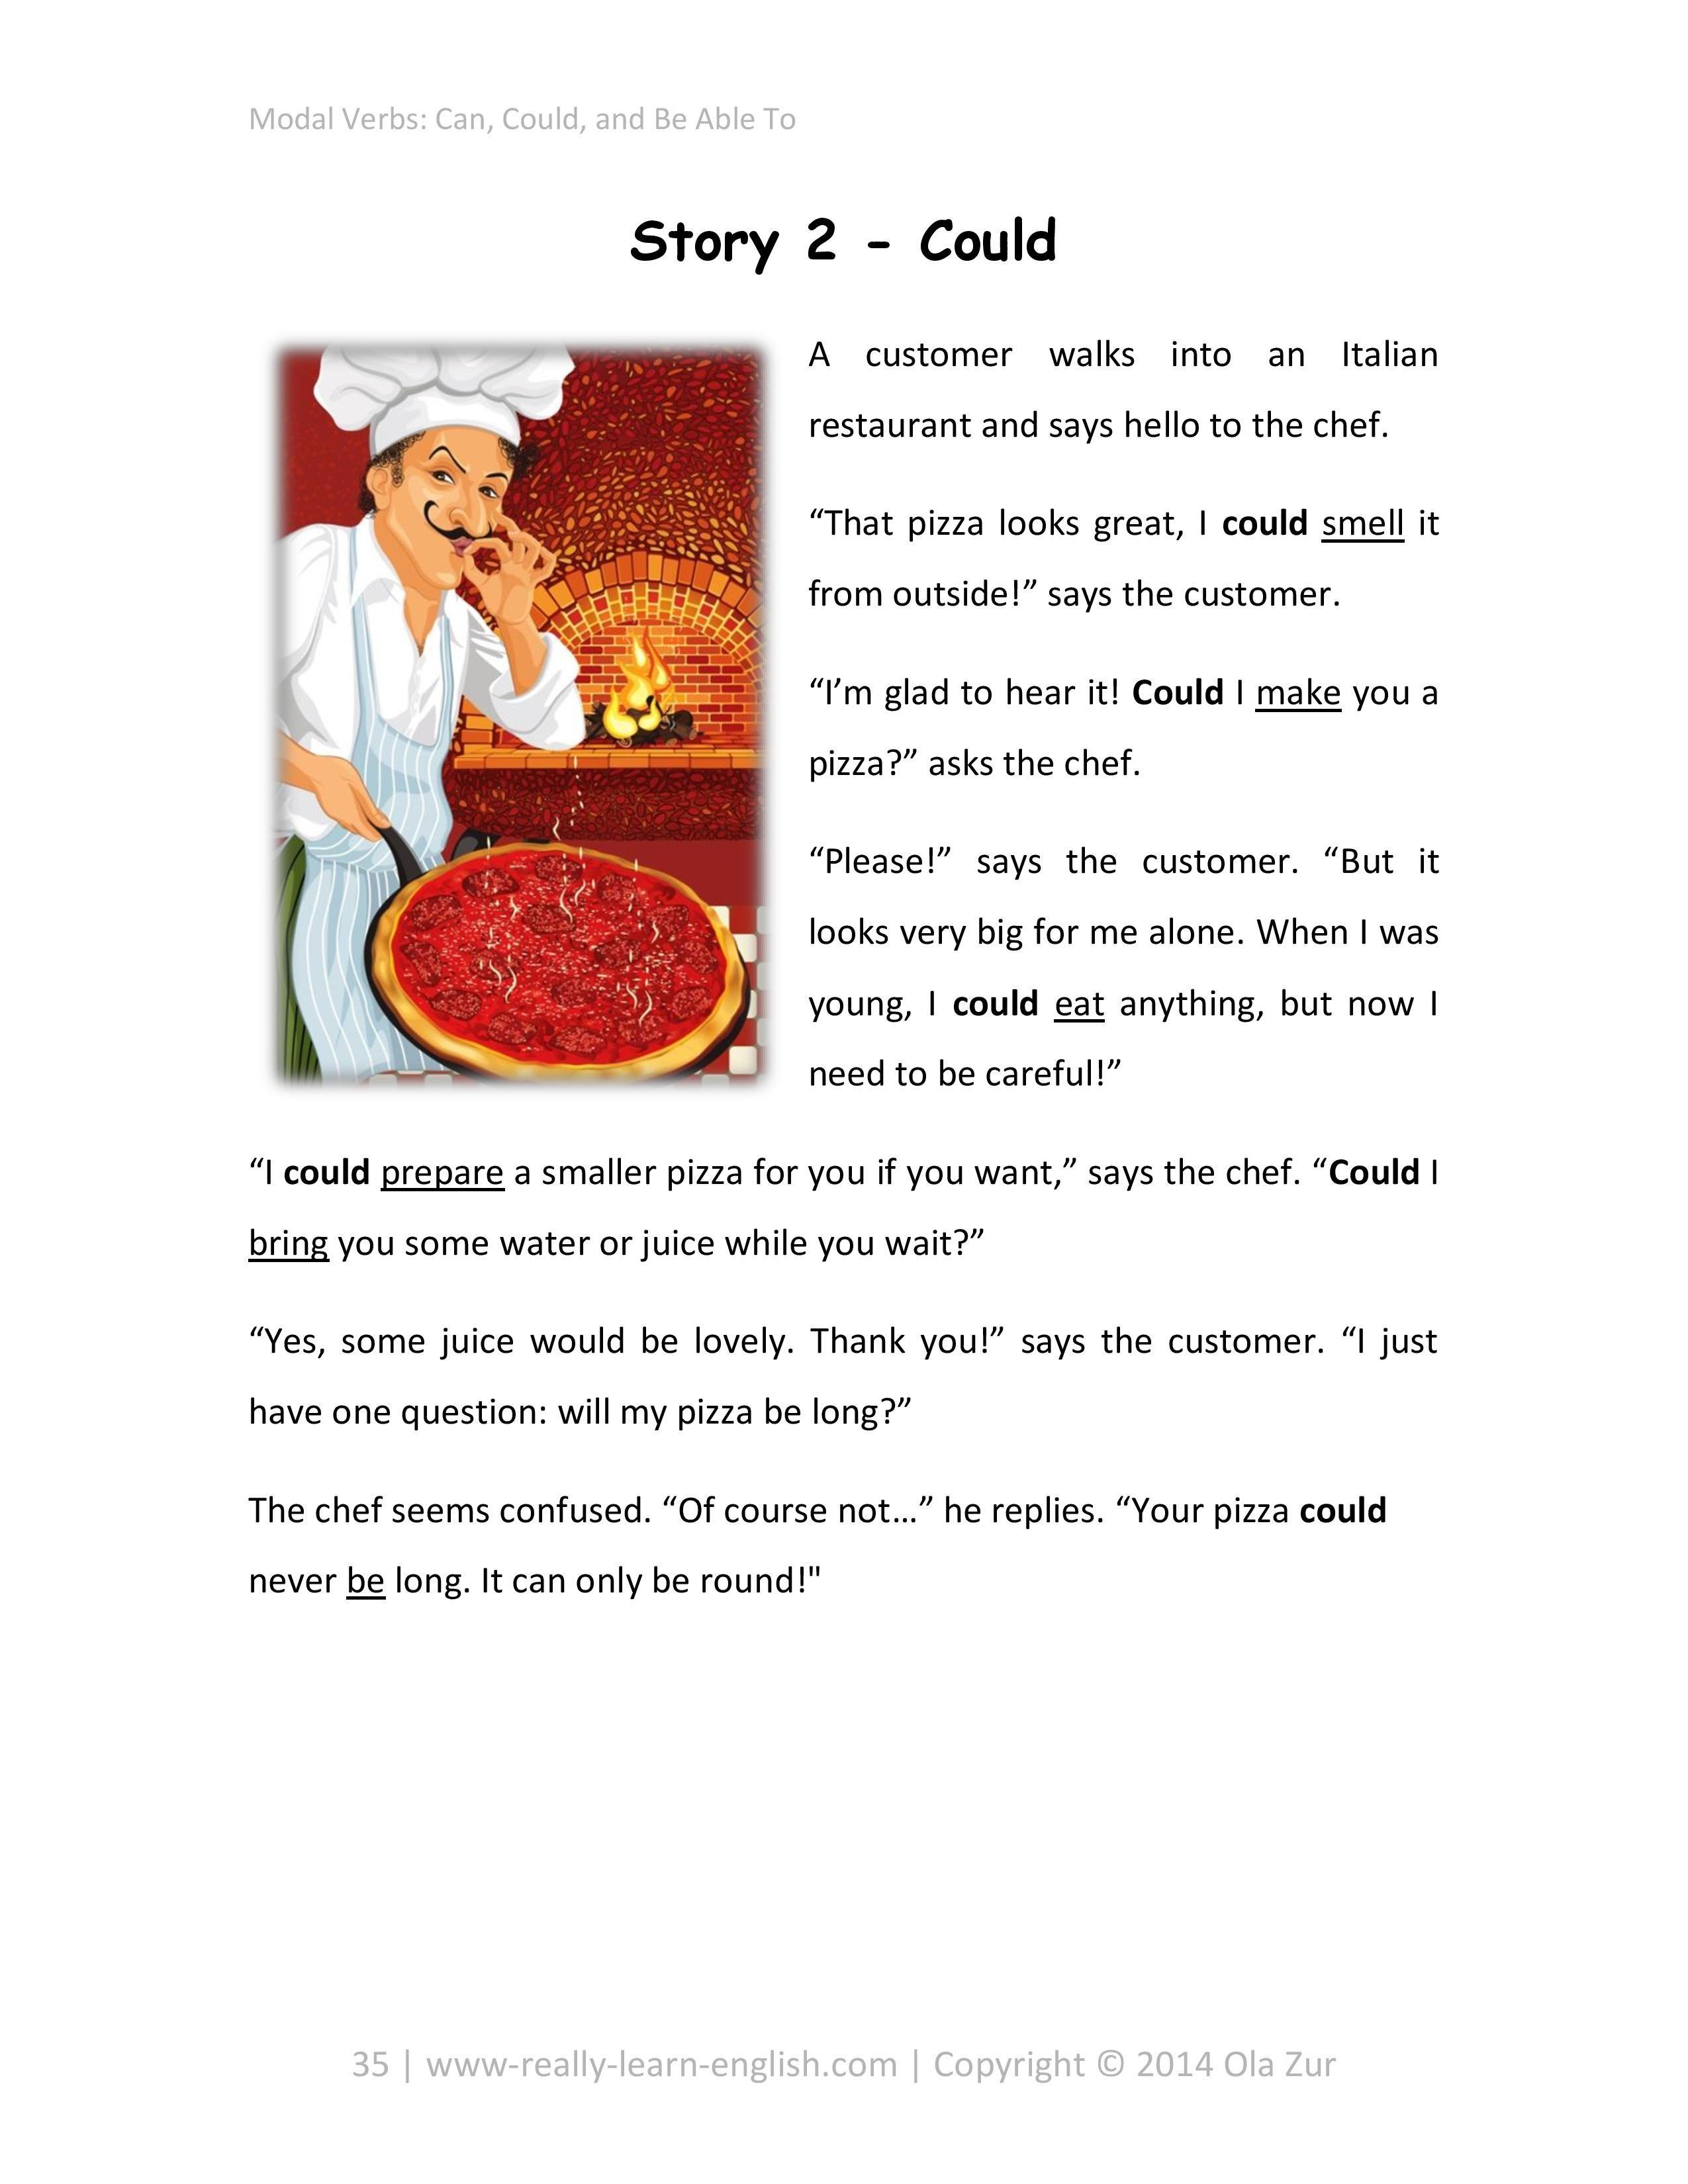 English Modal Verbs Series